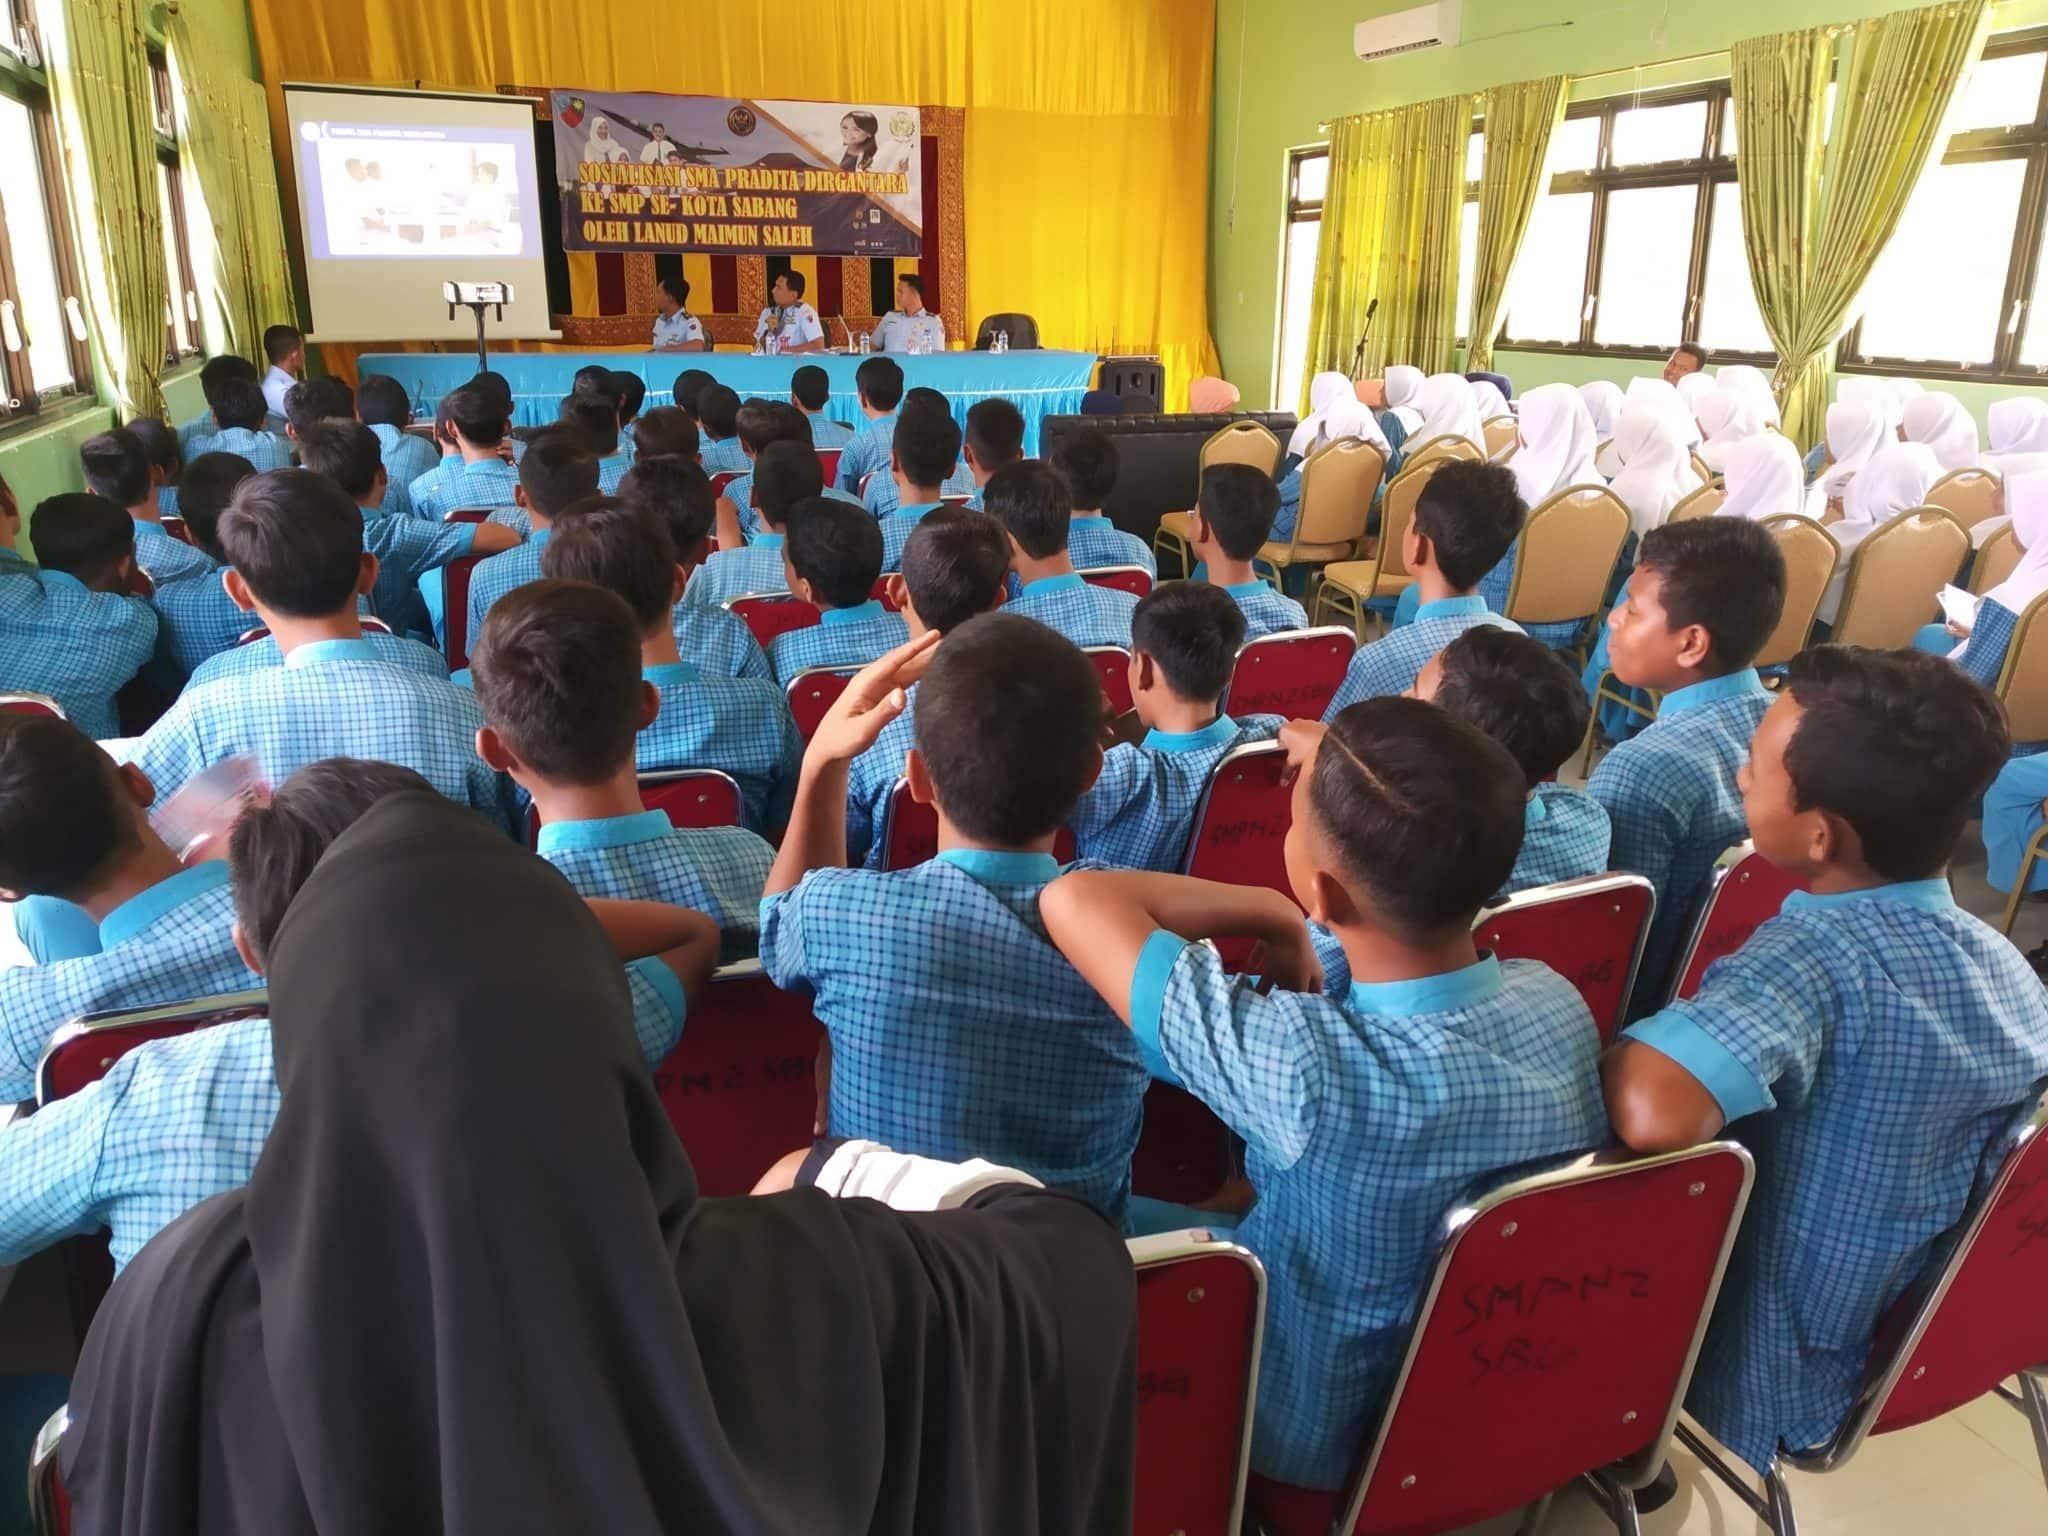 Gaet Pelajar Berprestasi, Lanud Maimun Saleh Sosialisasikan SMA Pradita Dirgantara